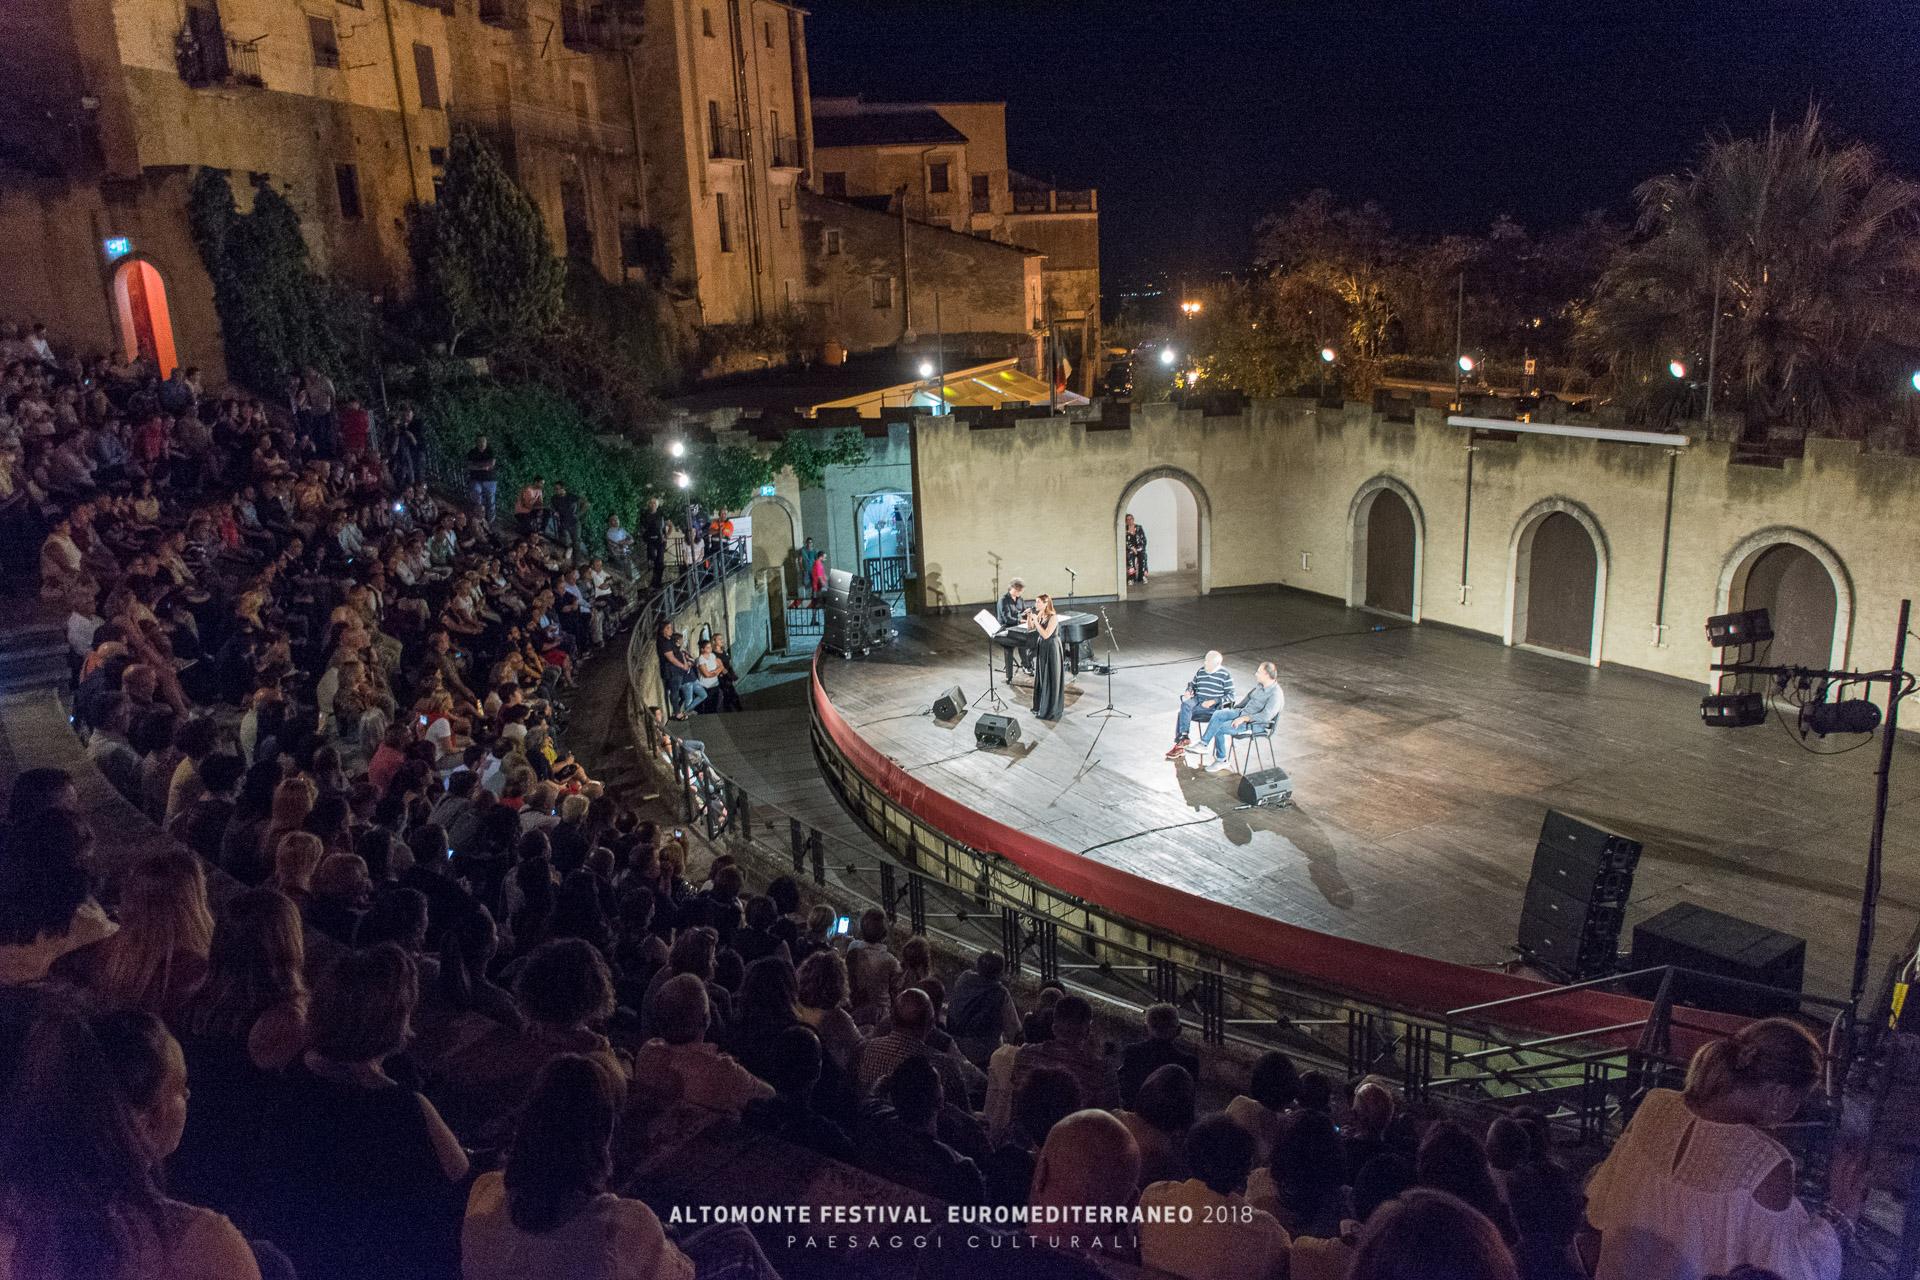 Teatro Belluscio Altomonte